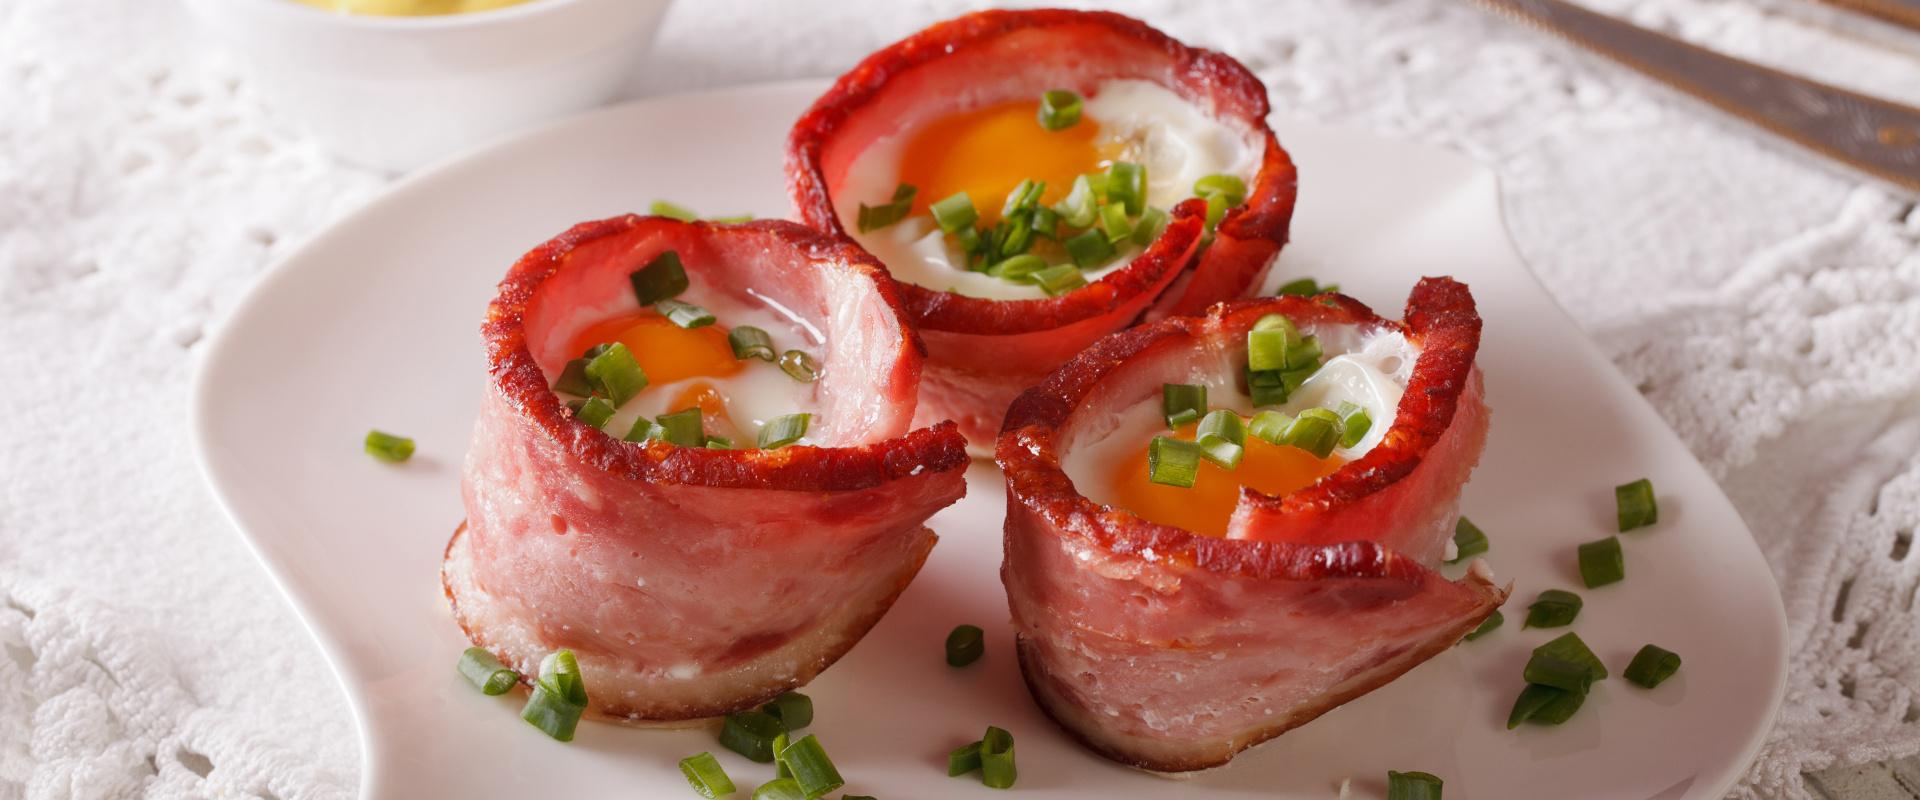 baconben sült tojás cover ok